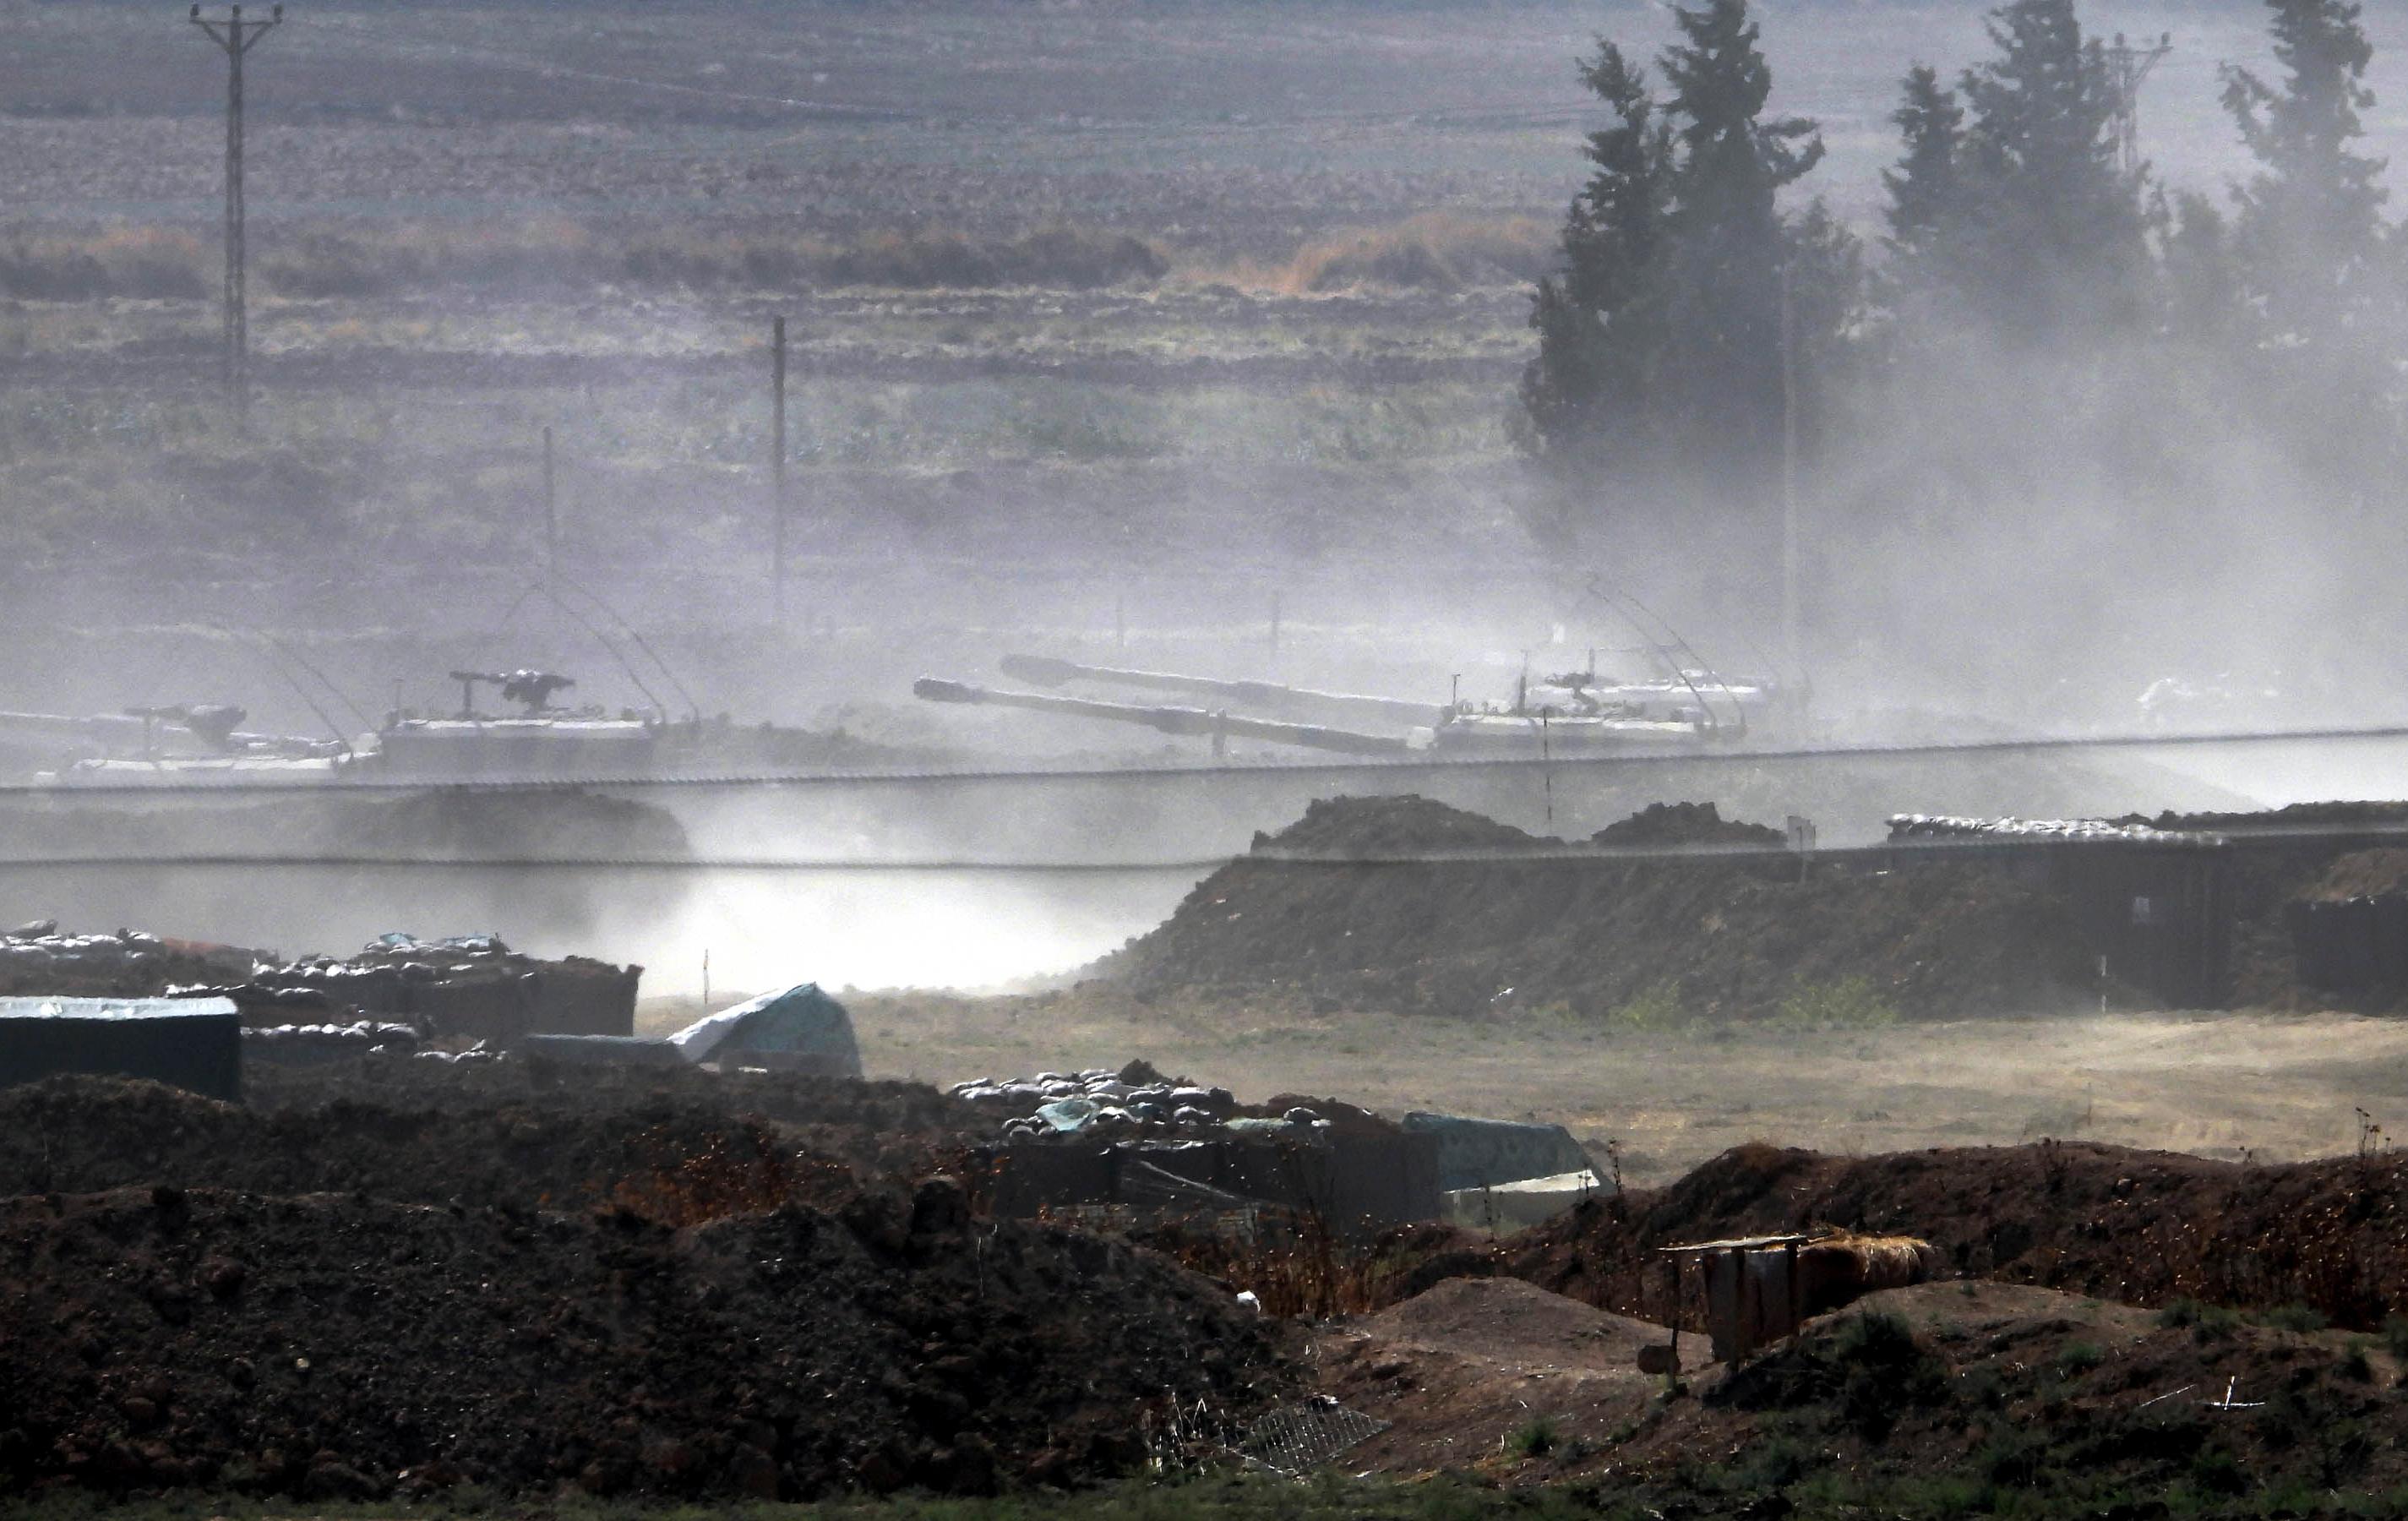 Τουρκικά άρματα μάχης προωθούνται στη μεθόριο με τη βόρεια Συρία έτοιμα για την εισβολή